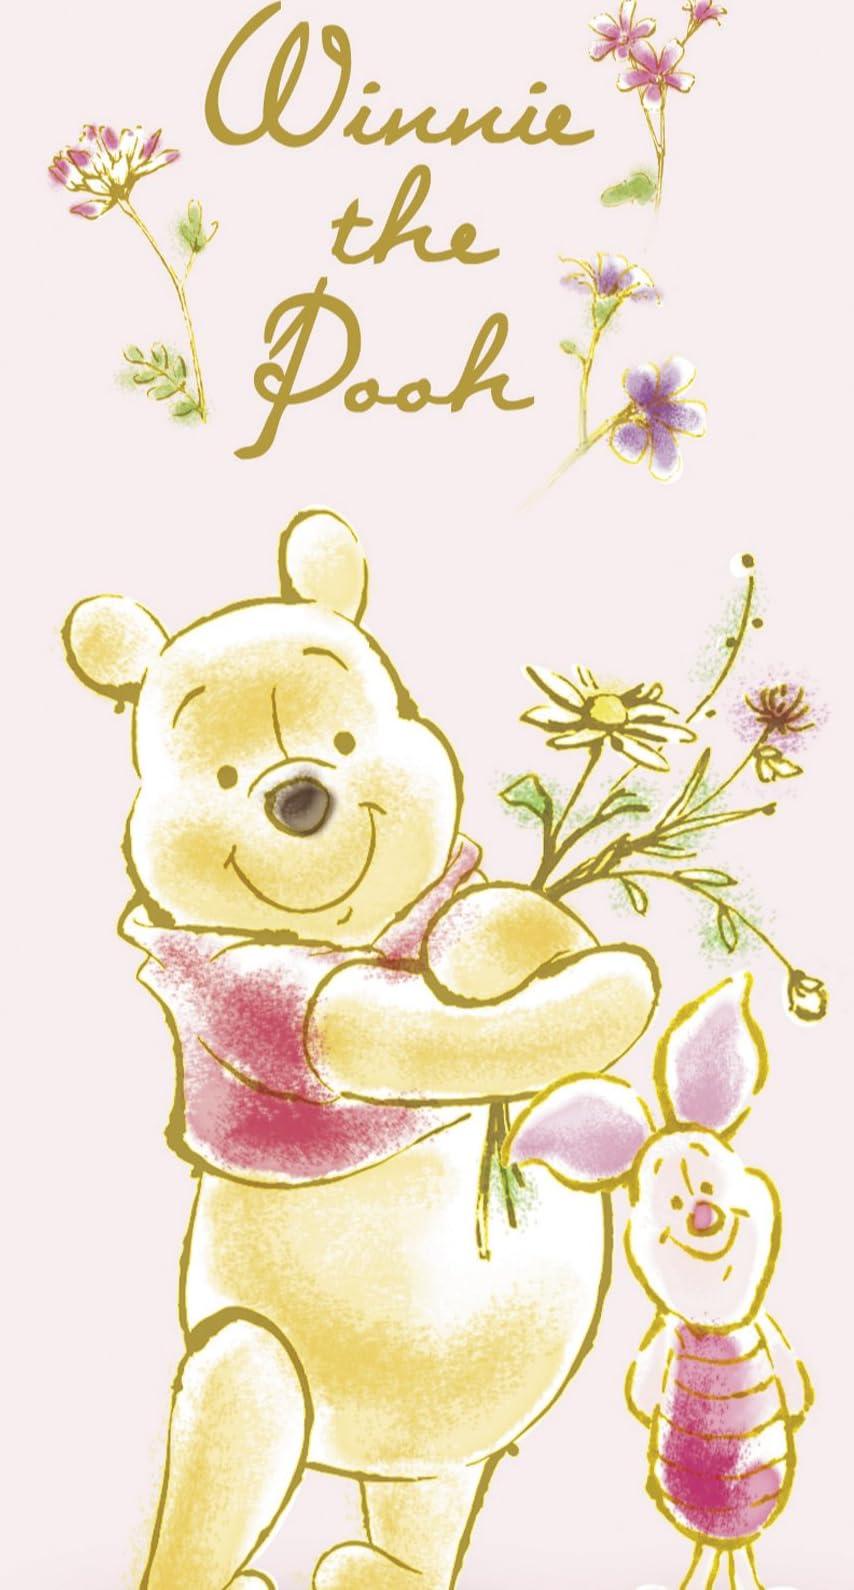 ディズニー プー(Winnie-the-Pooh),ピグレット(コブタ、Piglet) iPhone8/7/6s/6 壁紙 視差効果 画像52803 スマポ